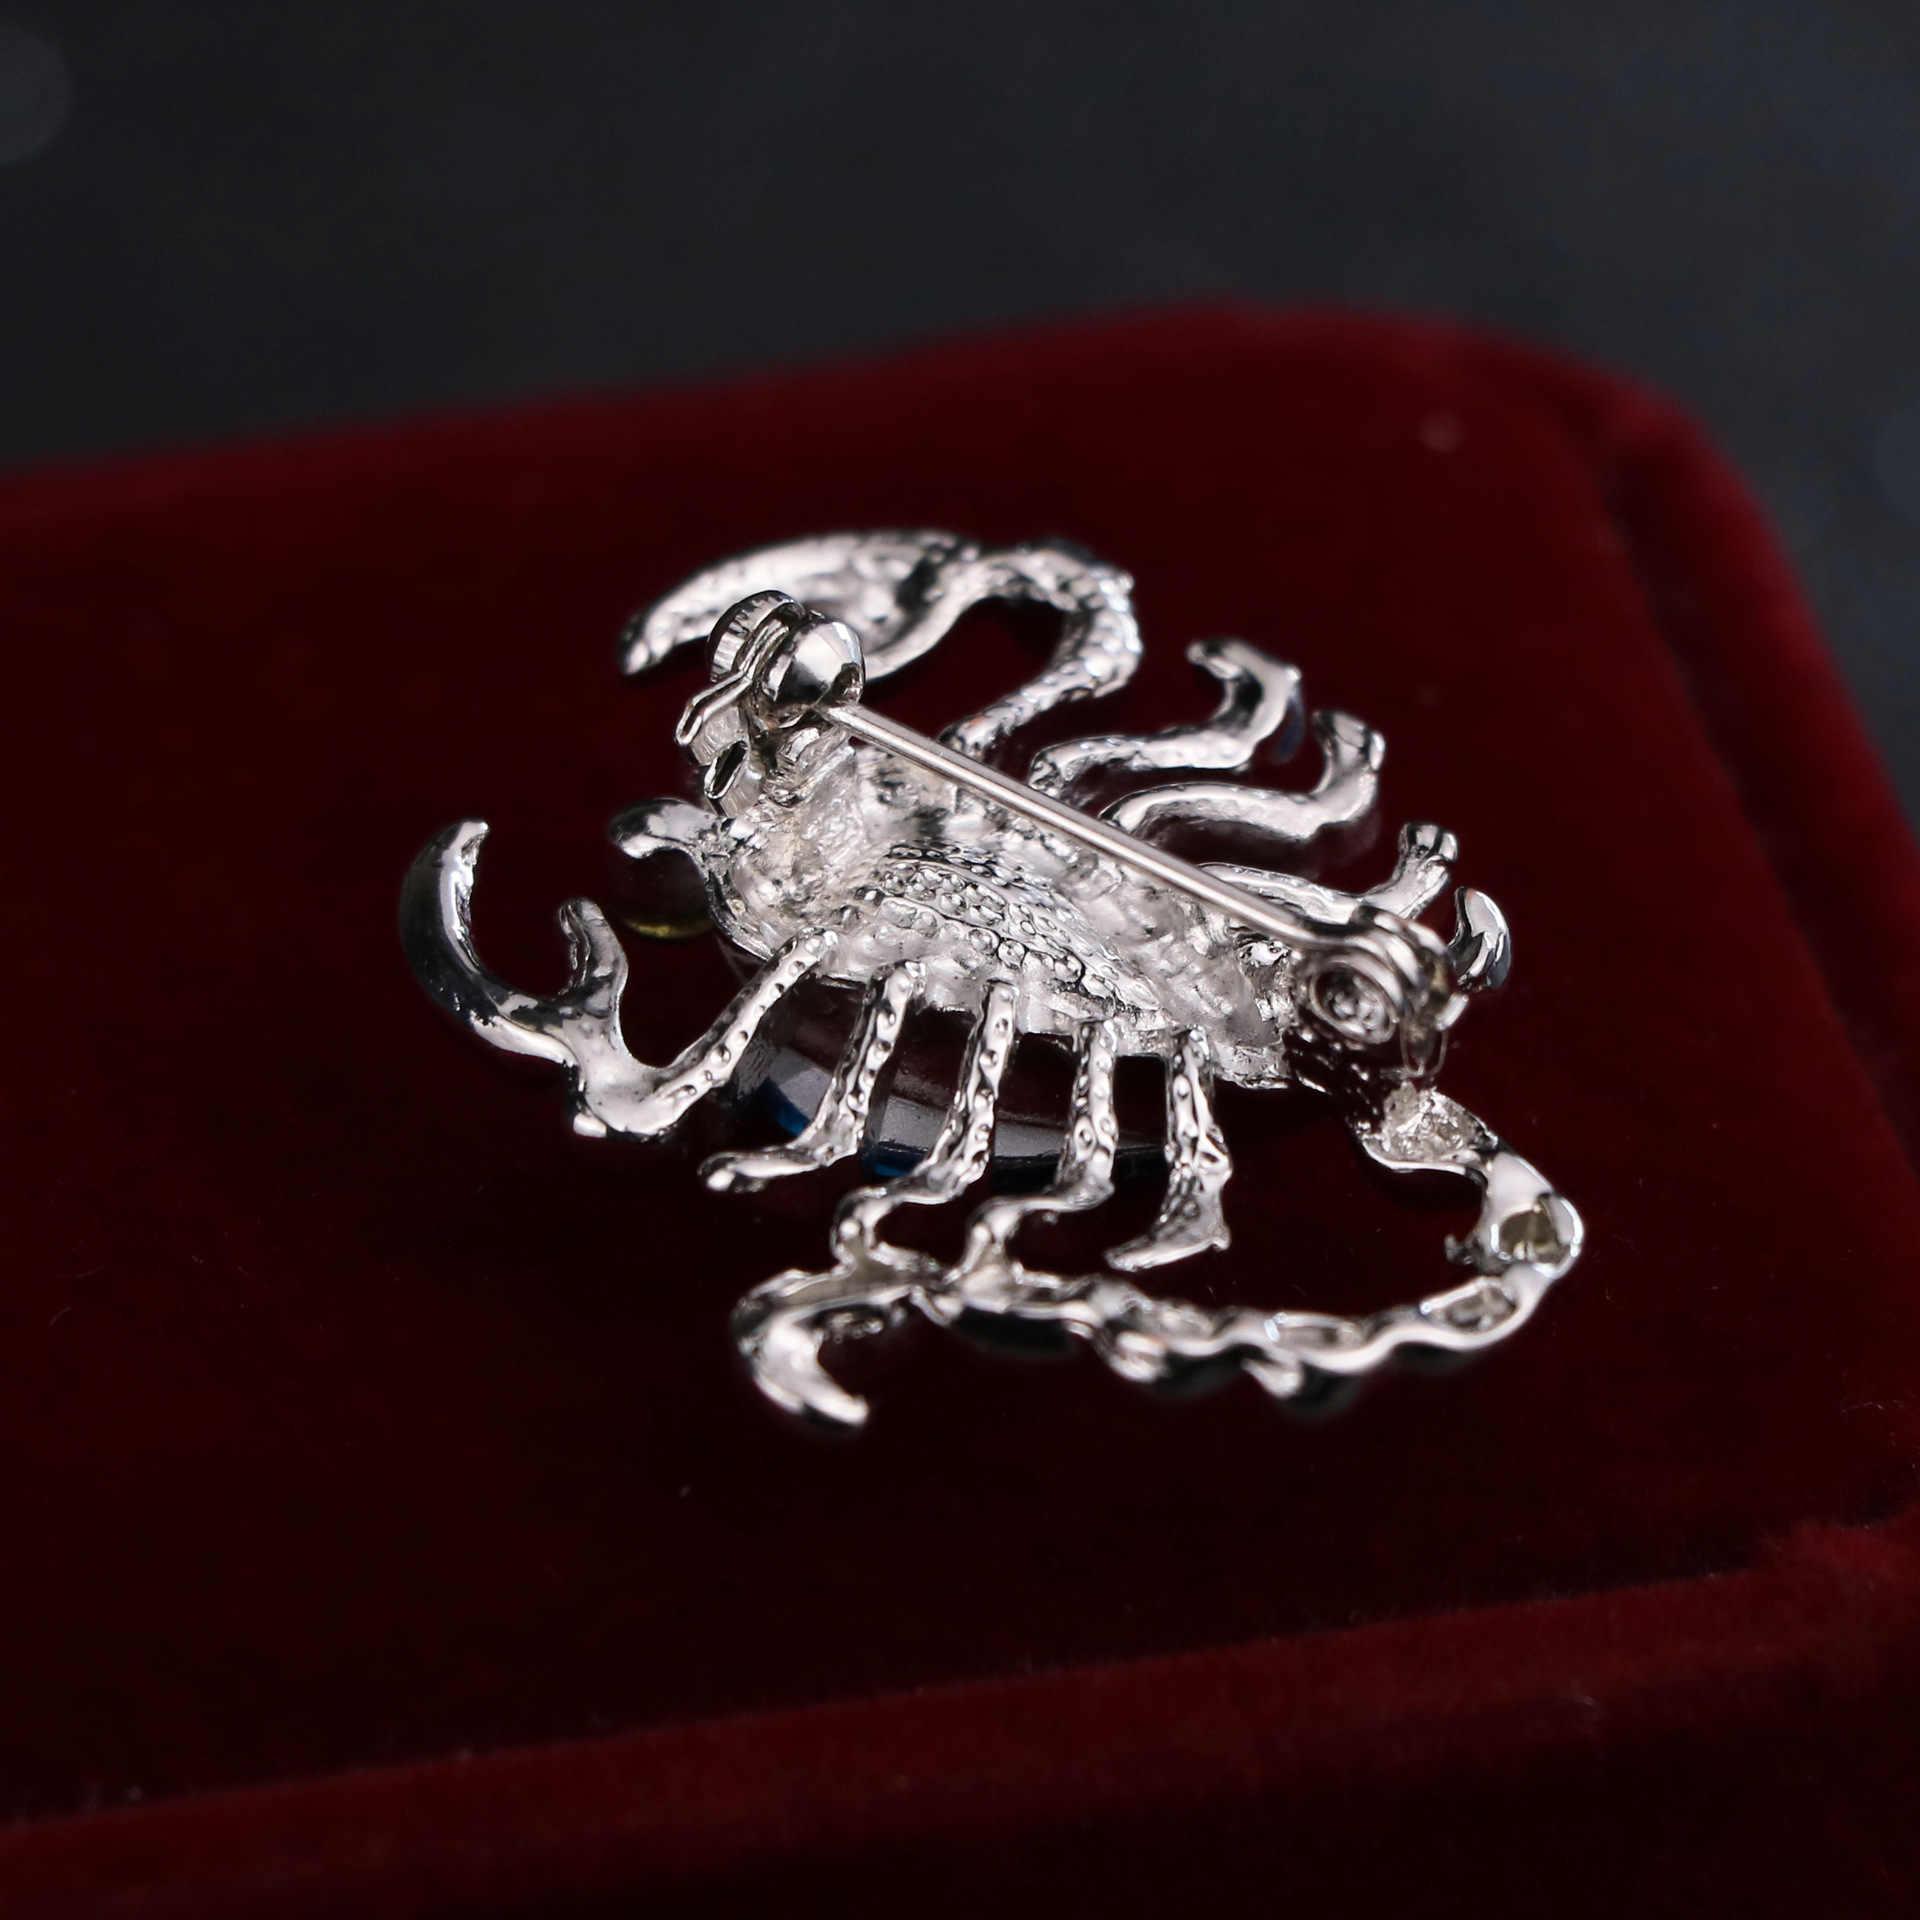 2019 di Nuovo Modo Coreano di Cristallo Scorpion Insetto Spilla In Metallo Spille per Gli Uomini Distintivo Risvolto Della Camicia Del Collare Del Vestito Spilli Accessori Dei Monili